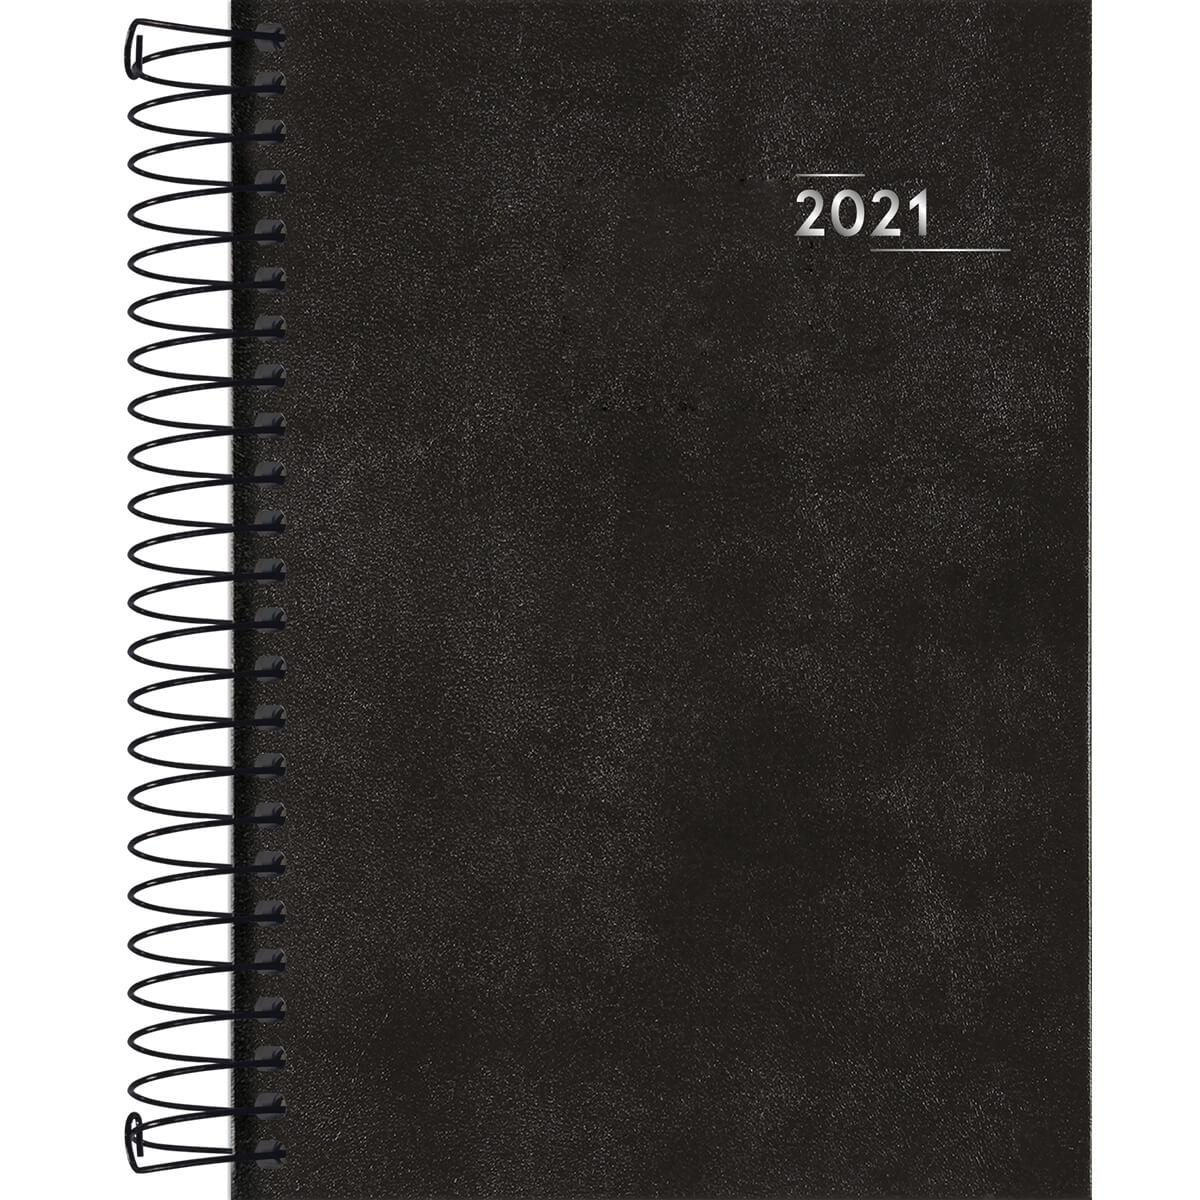 Agenda 2021 espiral 176 fls preto Napoli M5 Tilibra